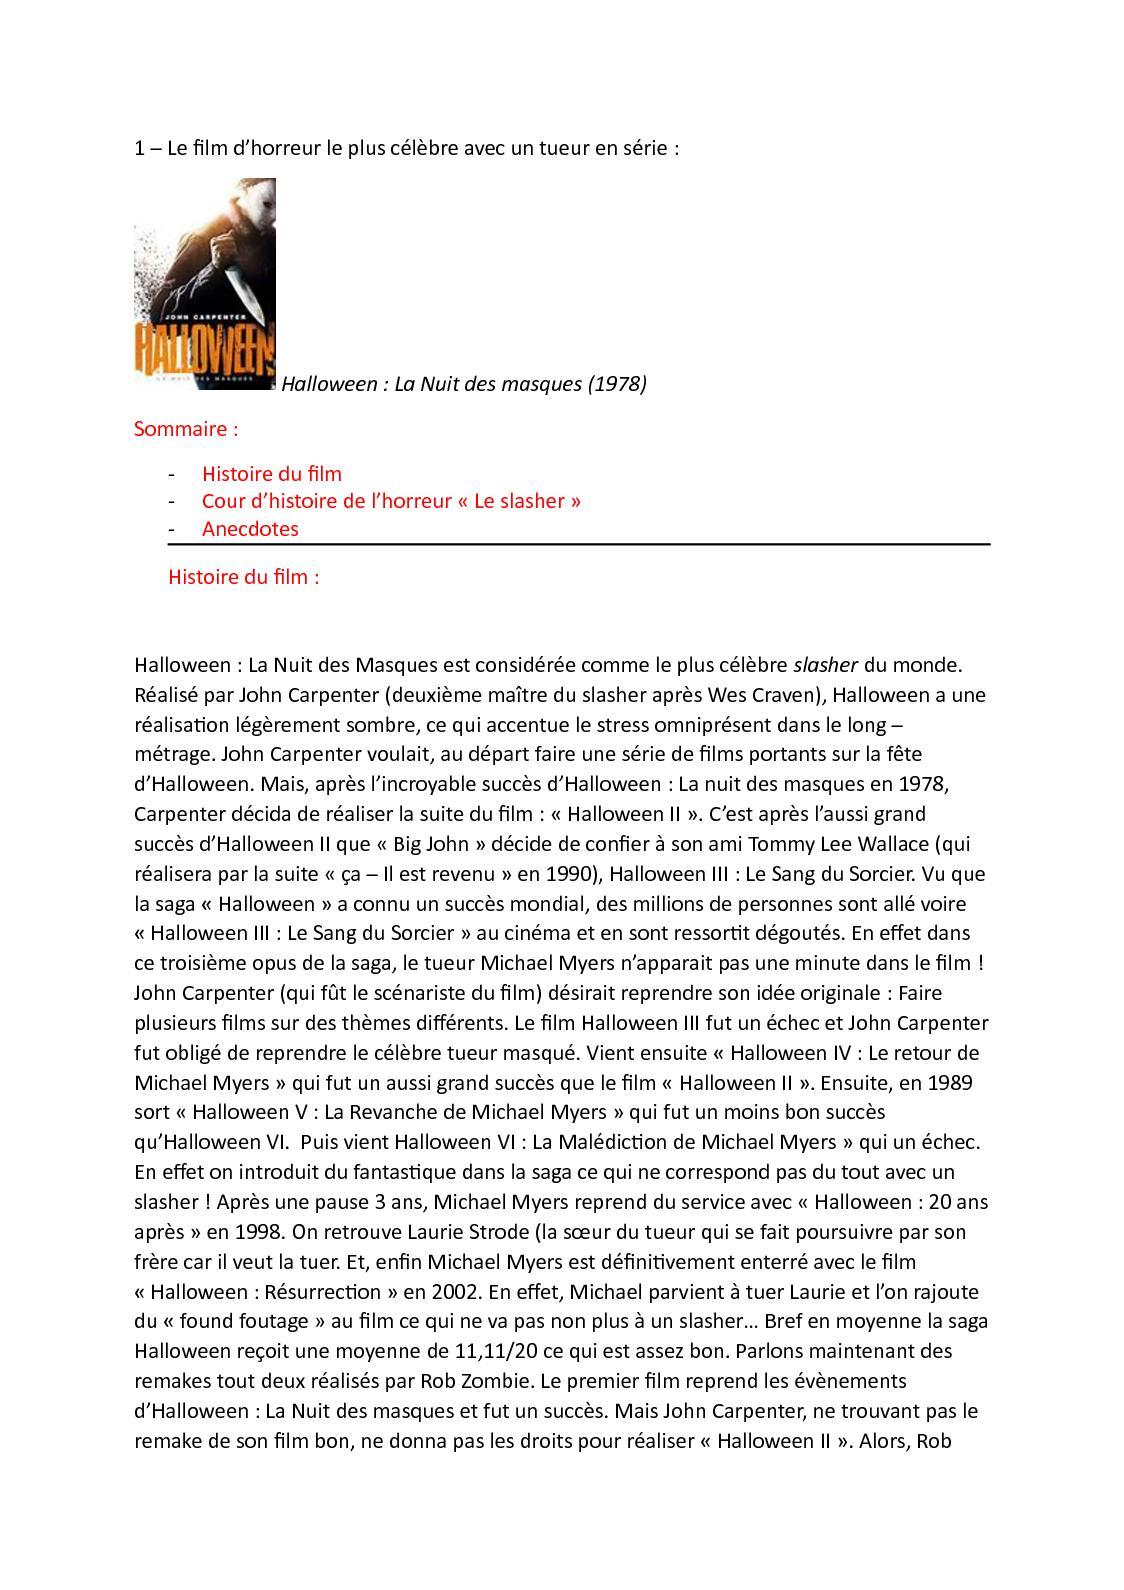 Histoire D Horreur A Raconter : histoire, horreur, raconter, Calaméo, D'horreur, Célèbre, Tueur, Série